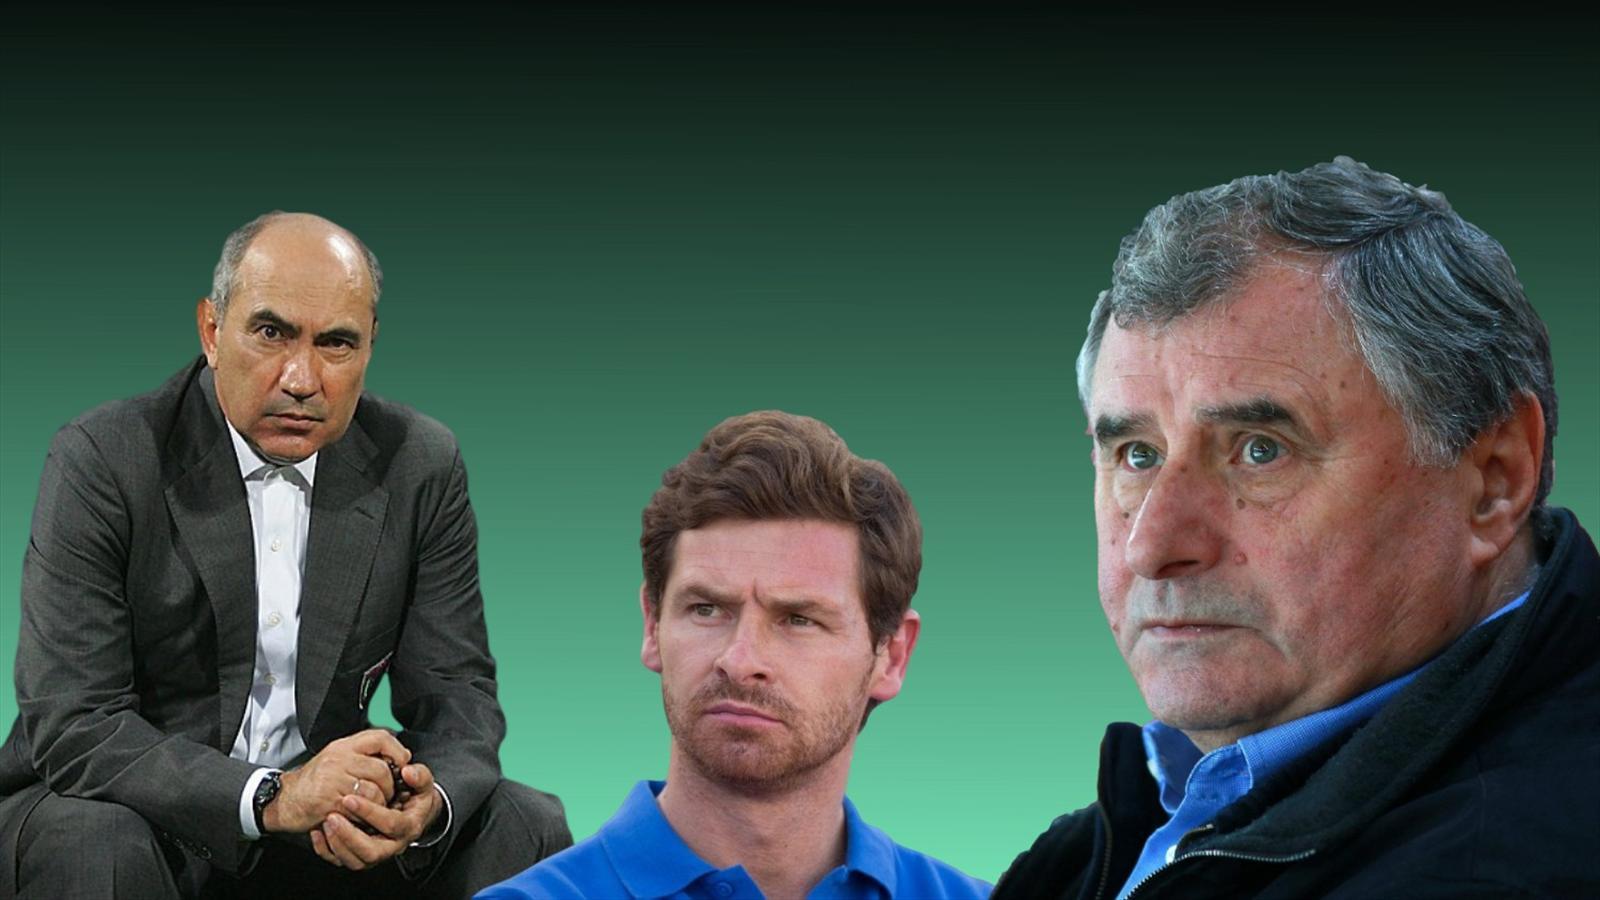 Андре Виллаш-Боаш, Леонид Кучук и еще 5 тренеров РФПЛ, которые сбегали от журналистов